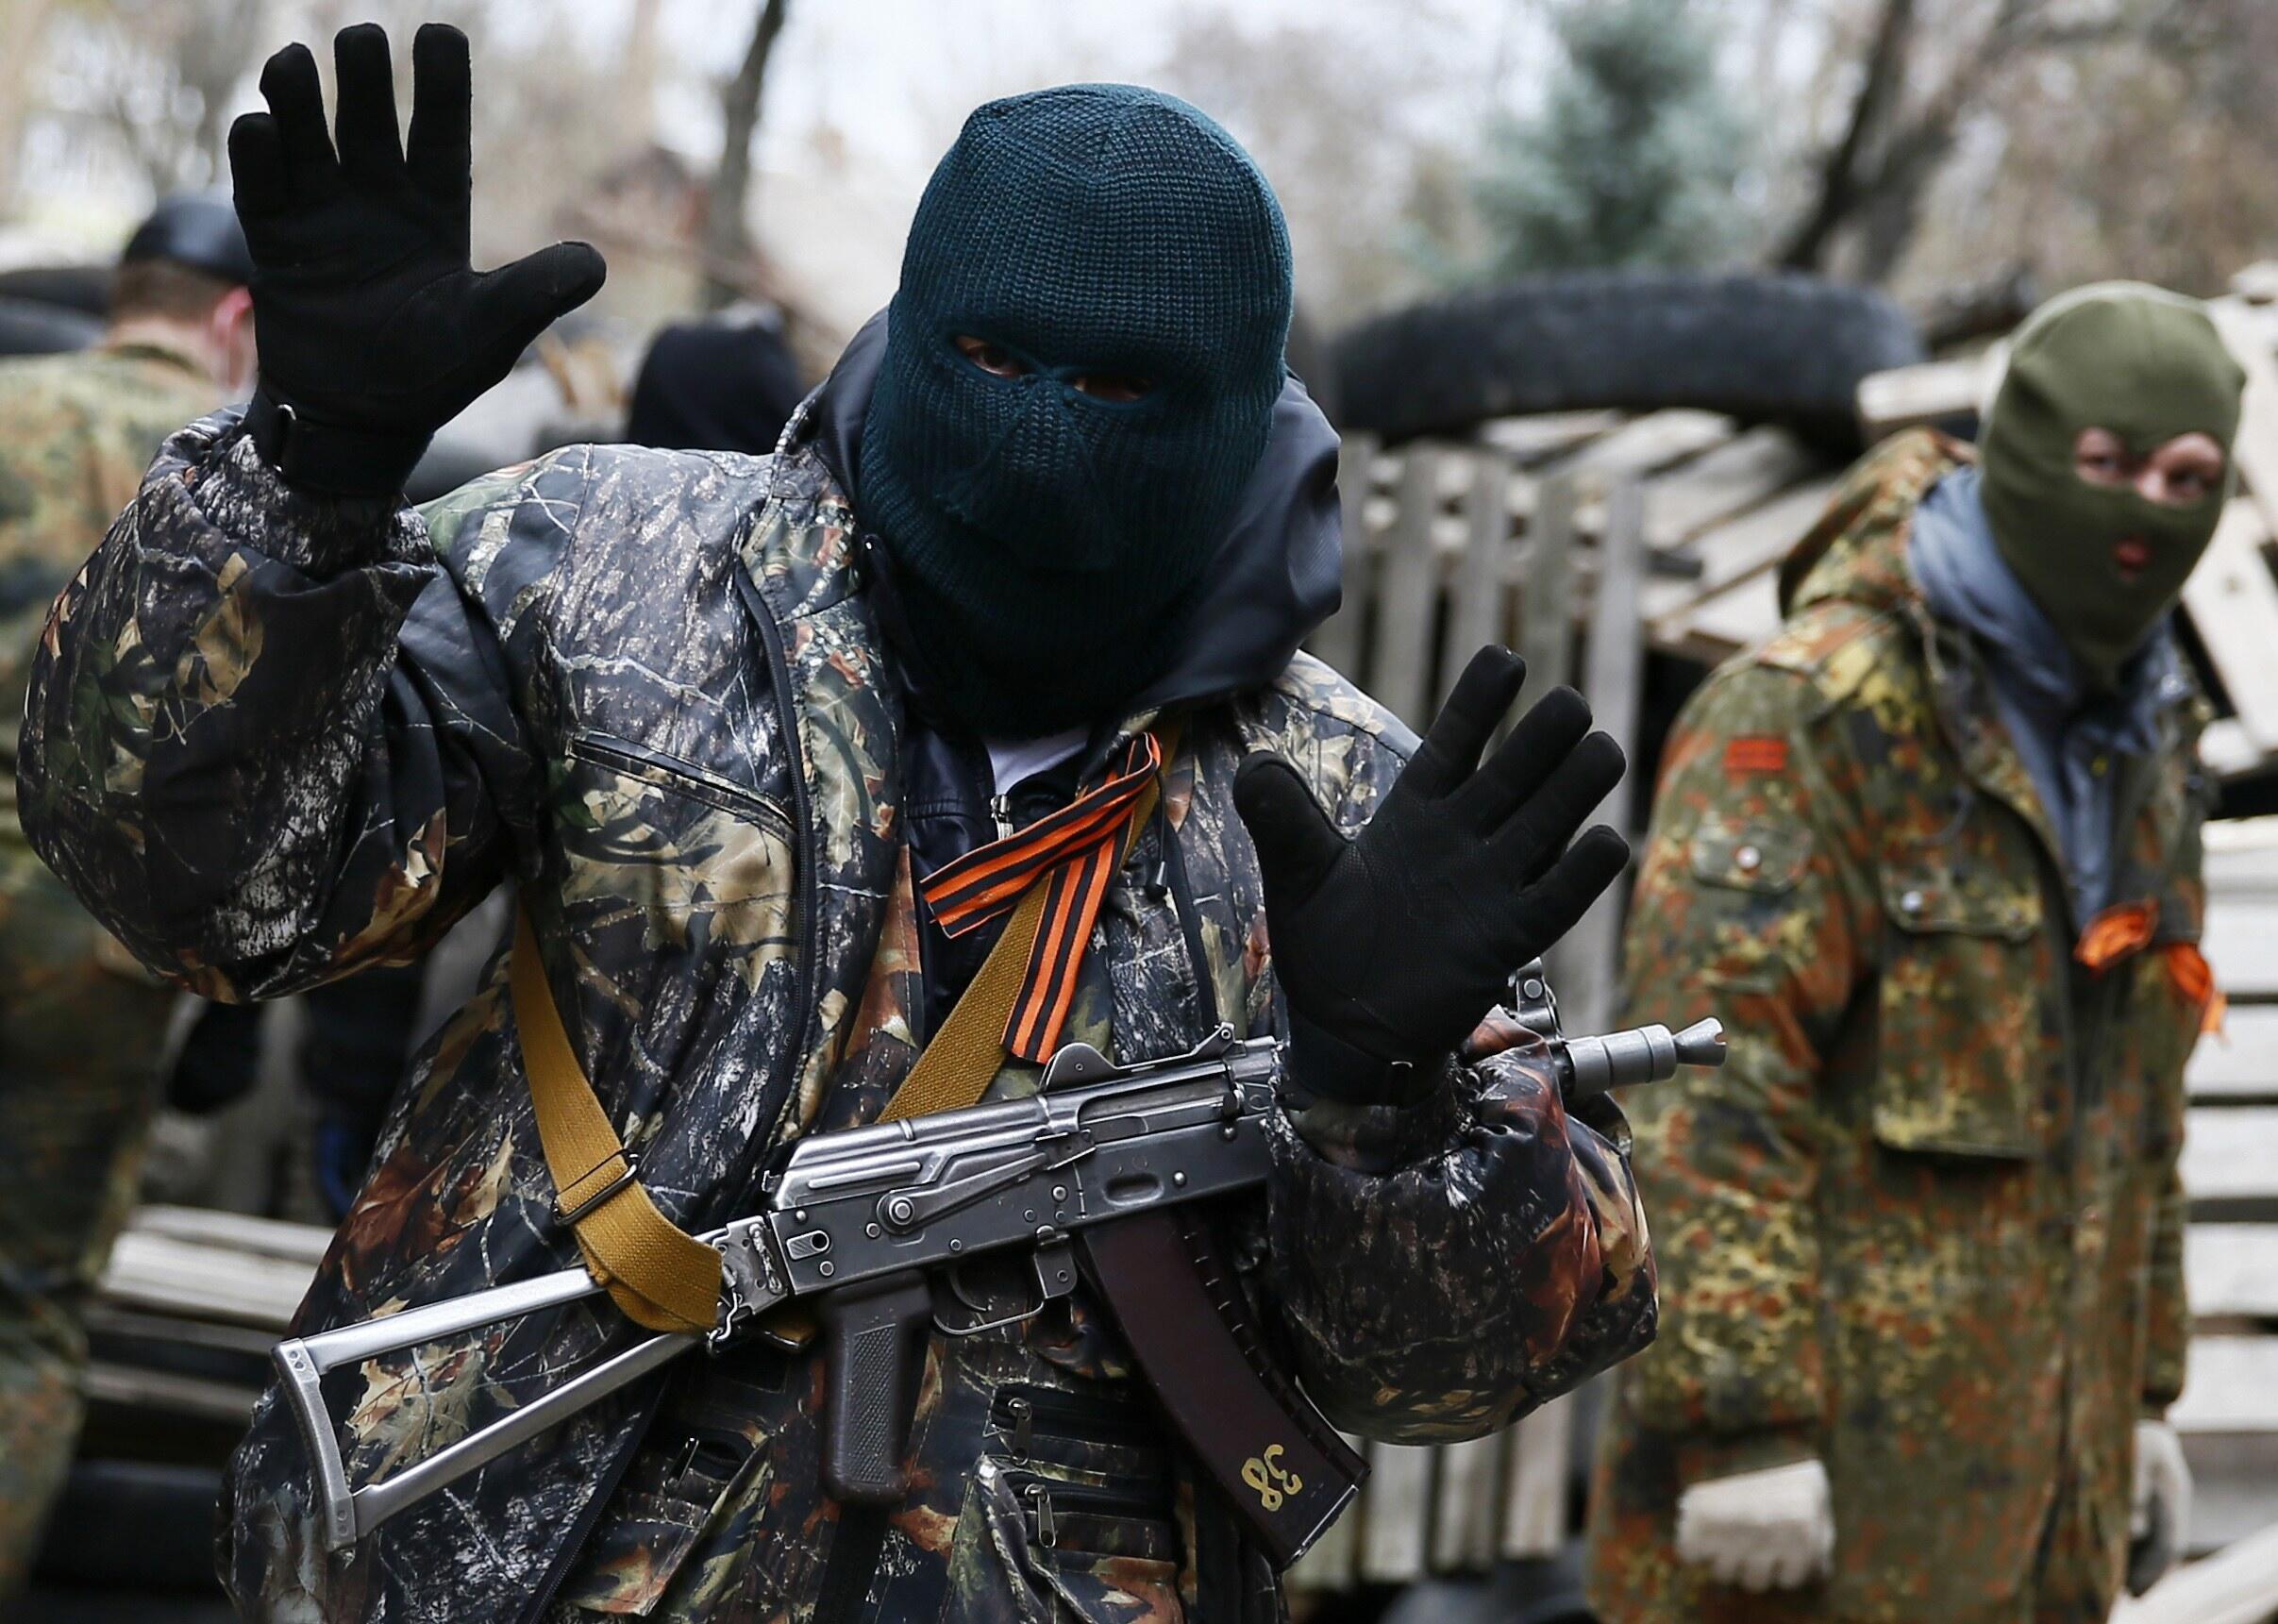 Un homme armé devant le siège de la police à Slaviansk, le 12 avril 2014.